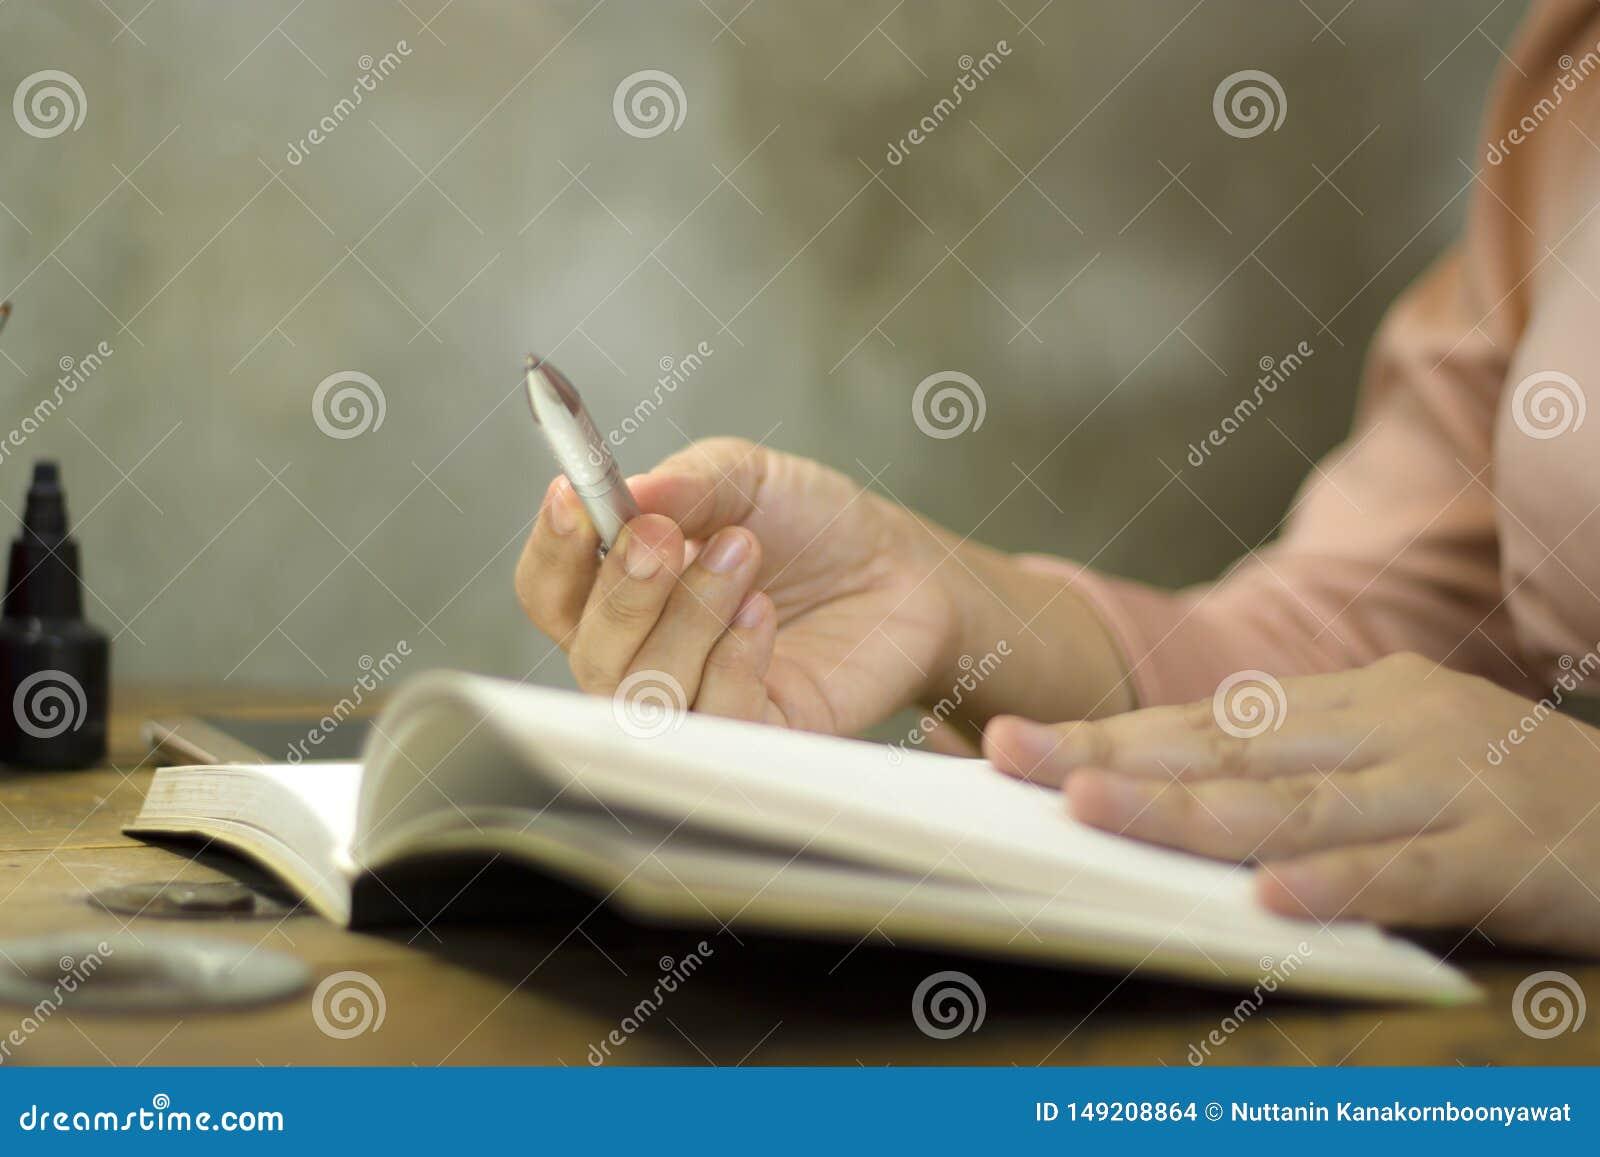 Junge Gesch?ftsfrau, die mit einem Stift im B?ro, sie ?ber die Zeit hinaus bleibend arbeitet